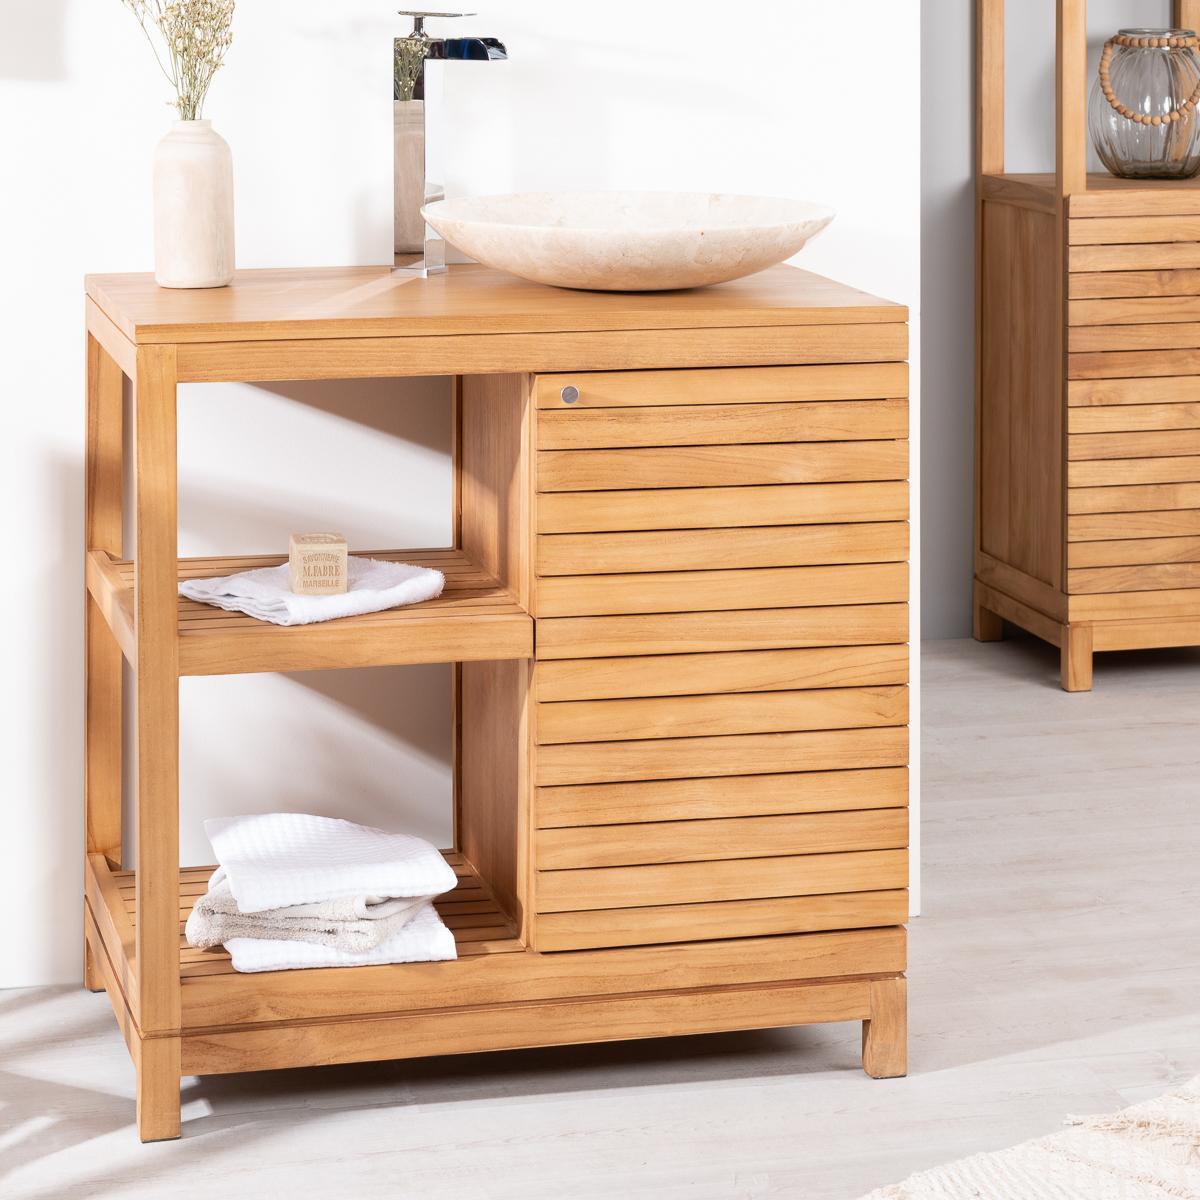 Mueble para cuarto de baño de teca COURCHEVEL 80